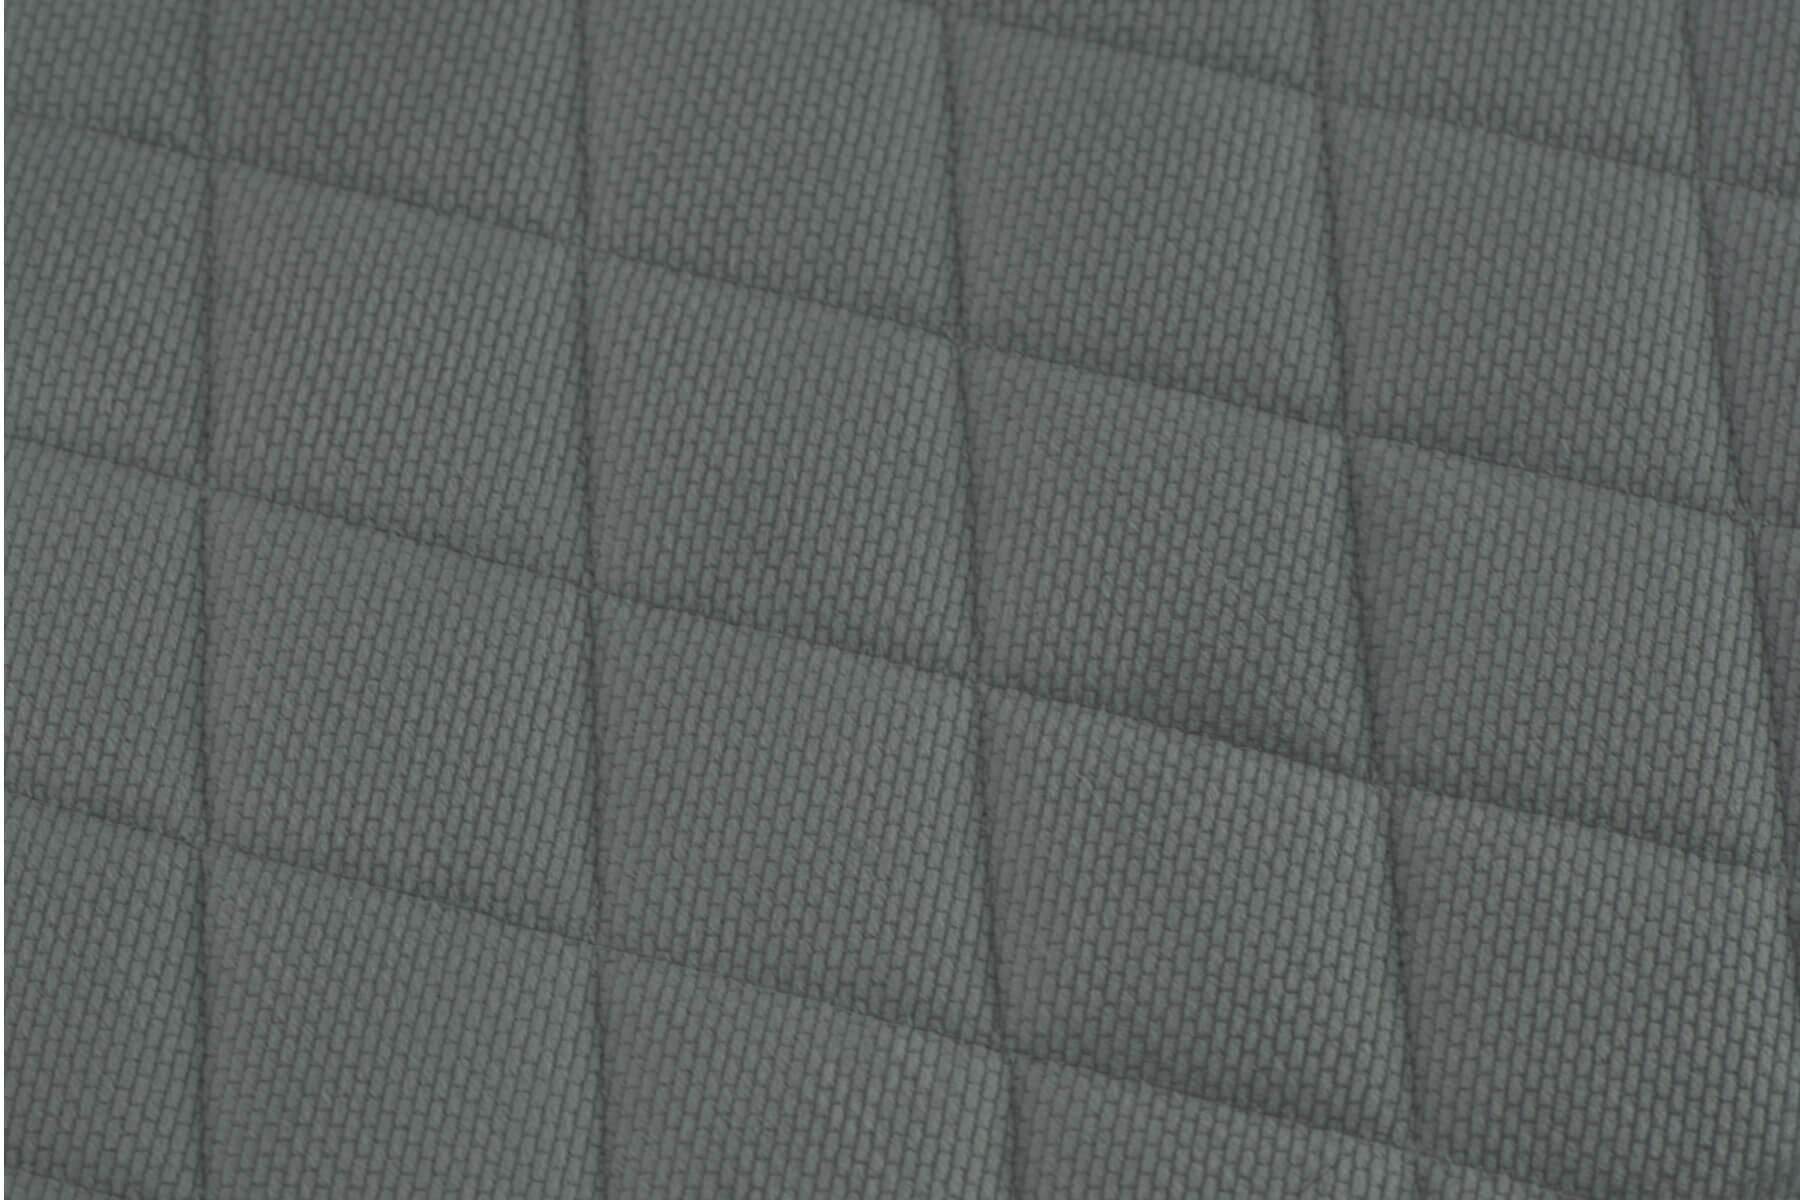 Huśtawka Comfort+ – Ecru, Biały